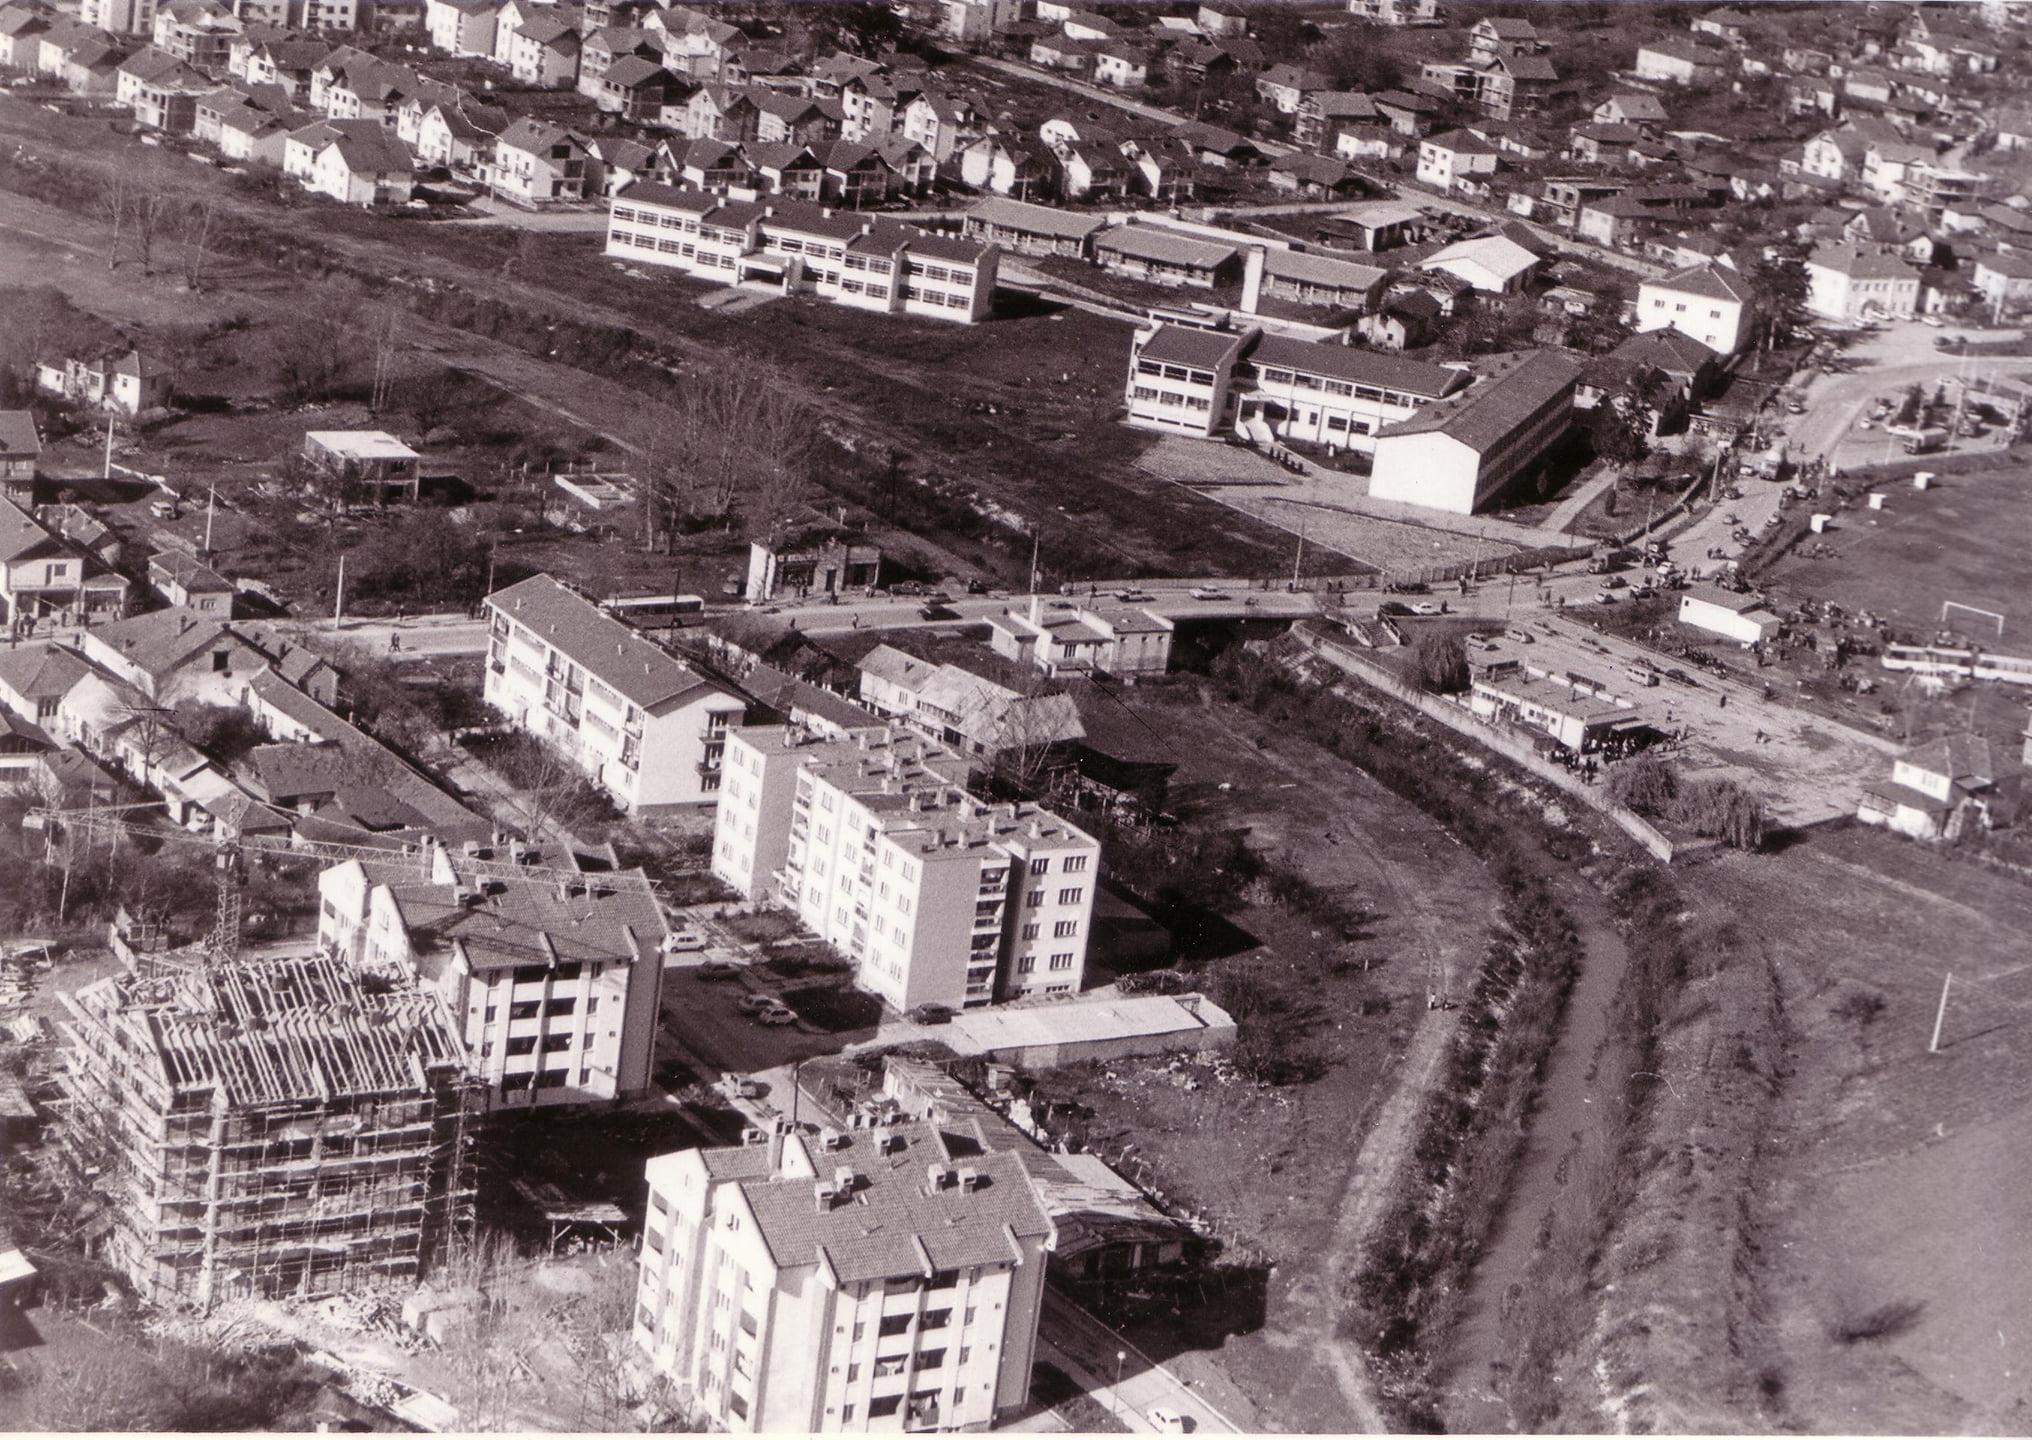 Svrljig, pogled, foto: Istorija Svrljiga / Facebook